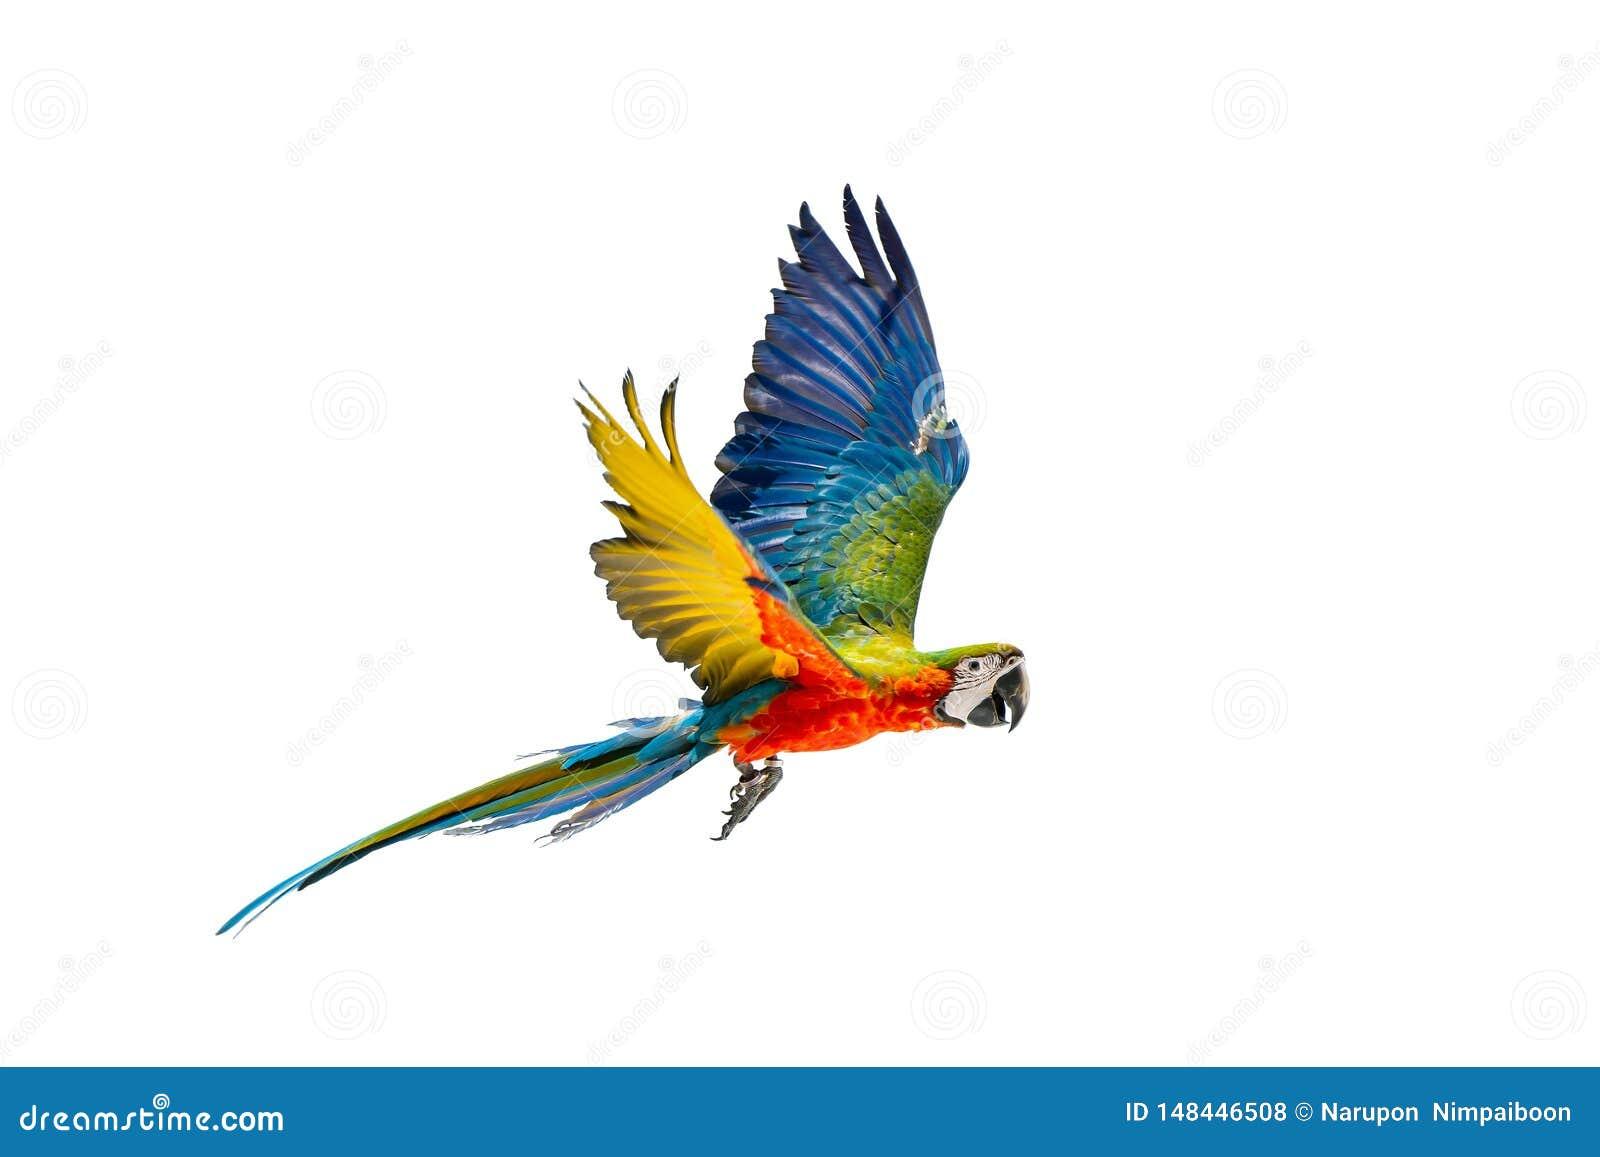 Buntes Papageienfliegen mit wei?em Hintergrund